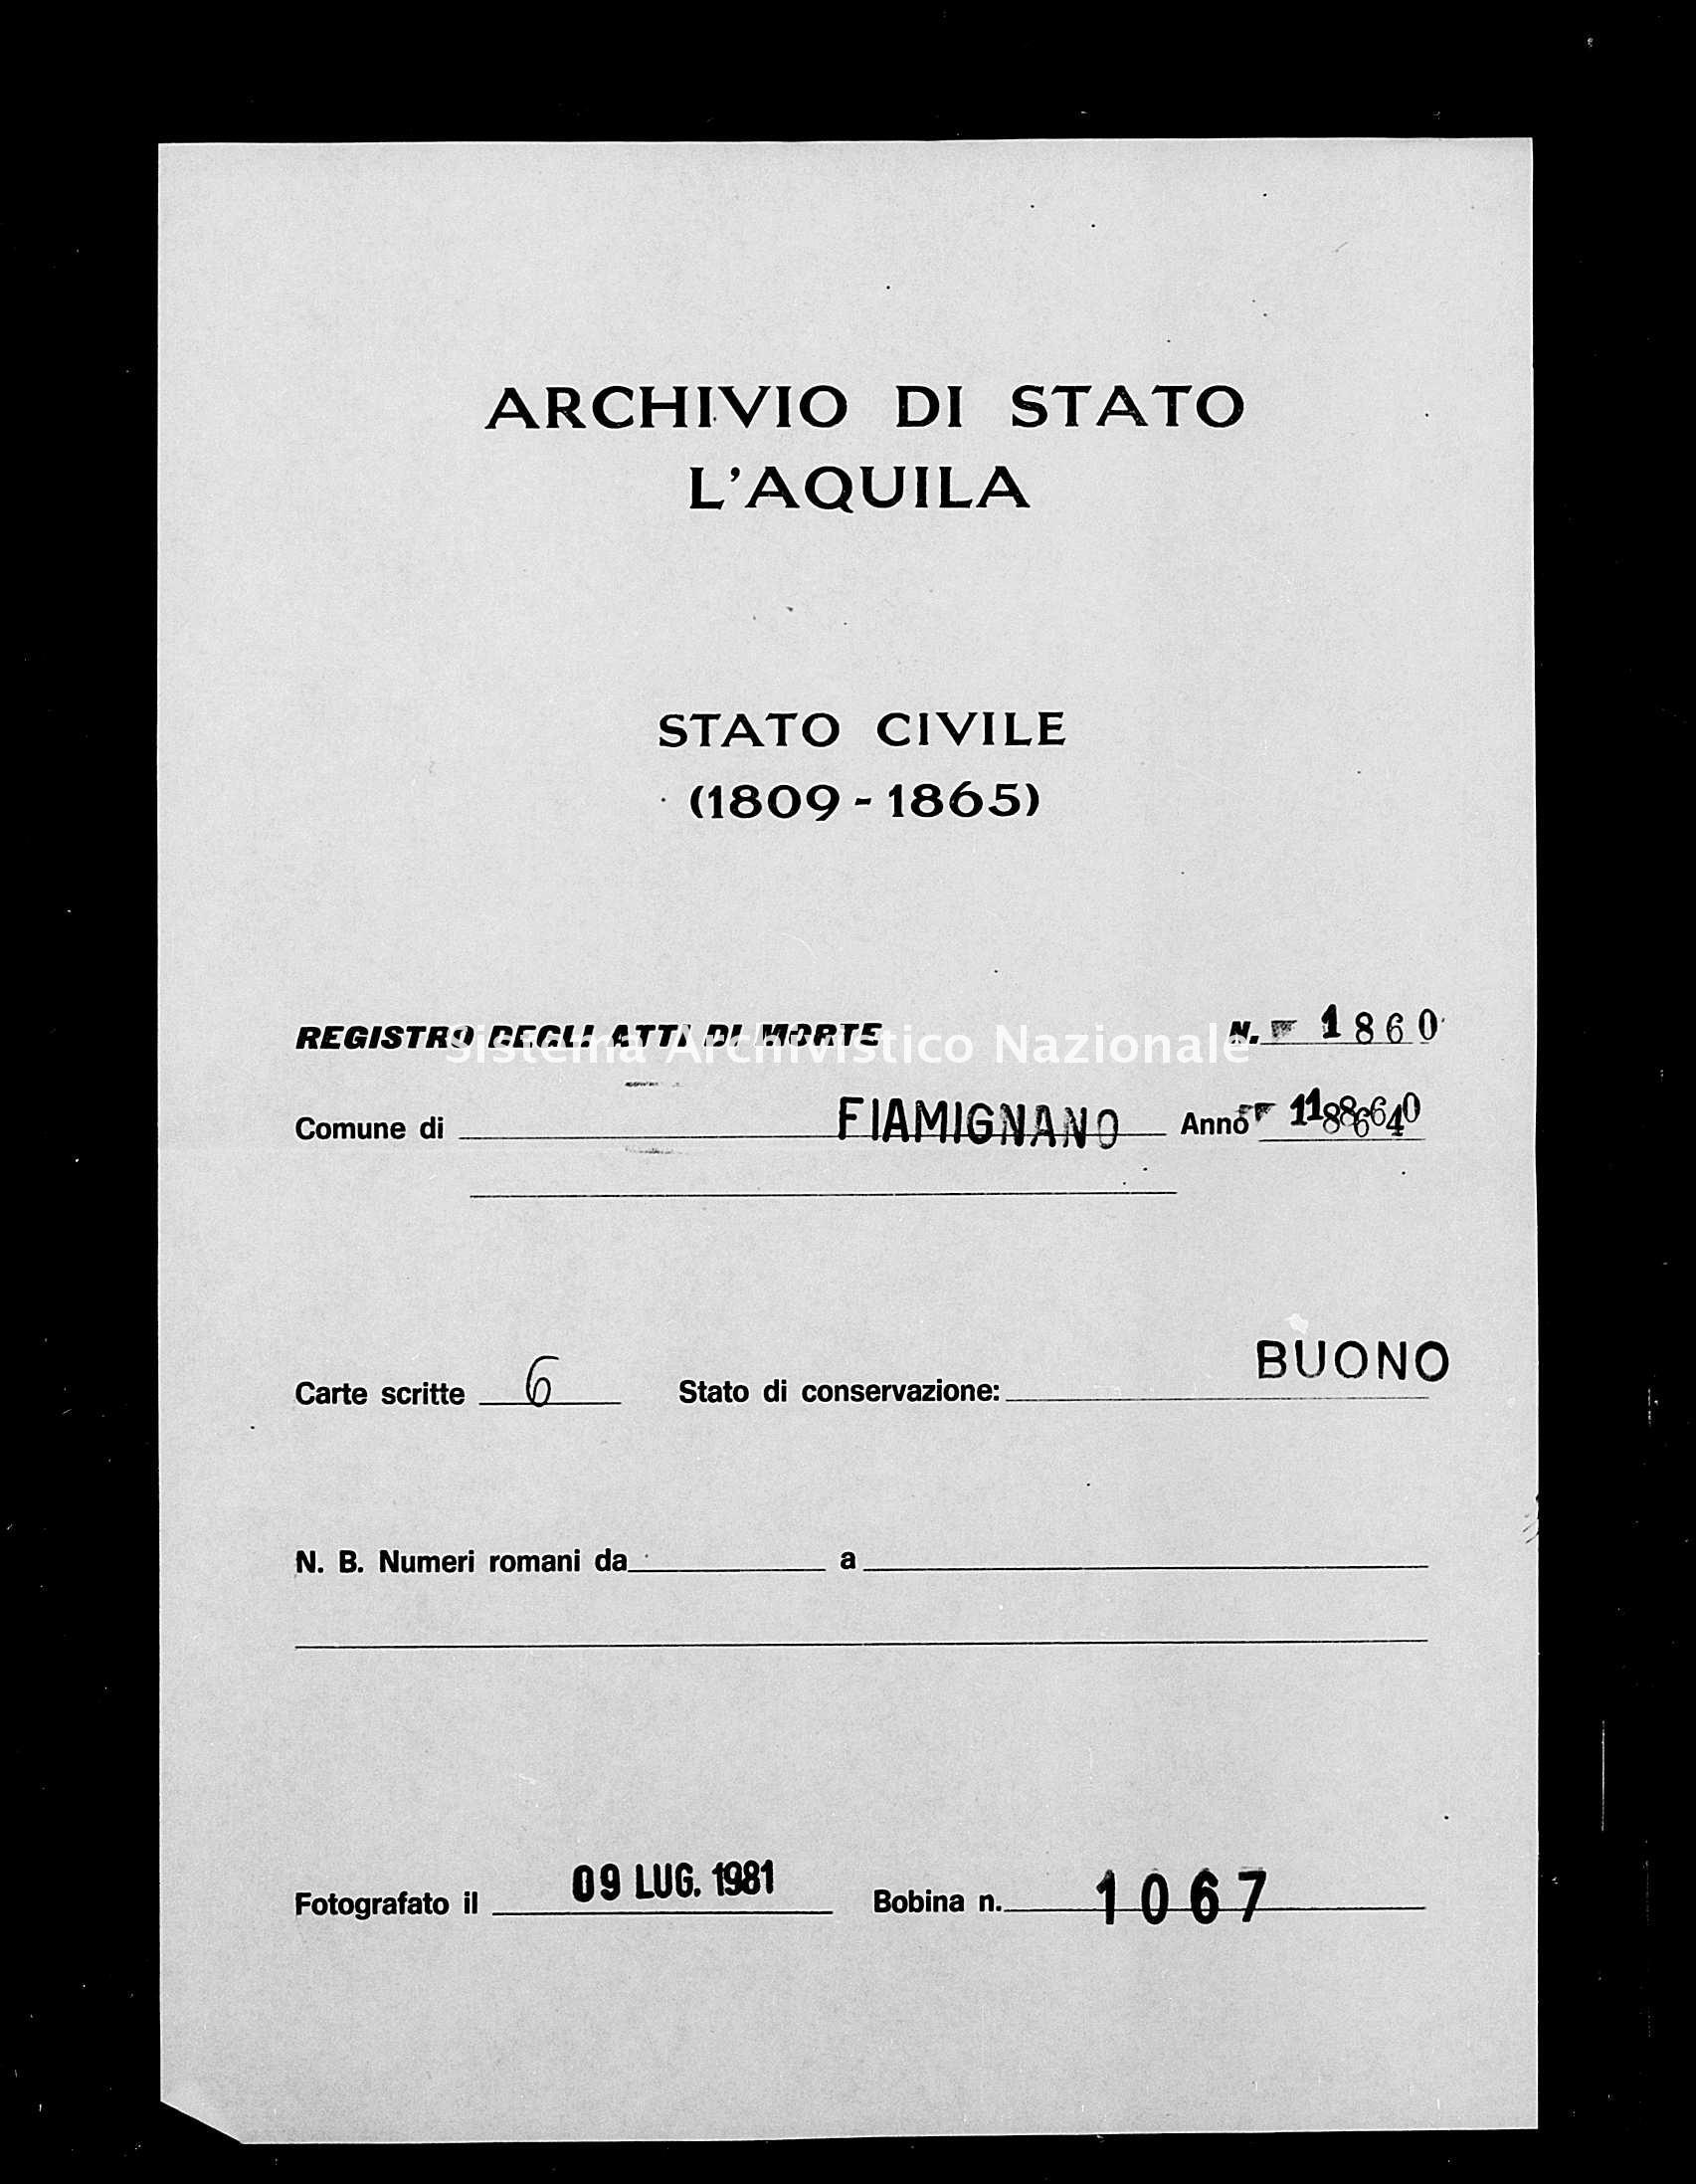 Archivio di stato di L'aquila - Stato civile italiano - Fiamignano - Morti - 1864 - 1860 -